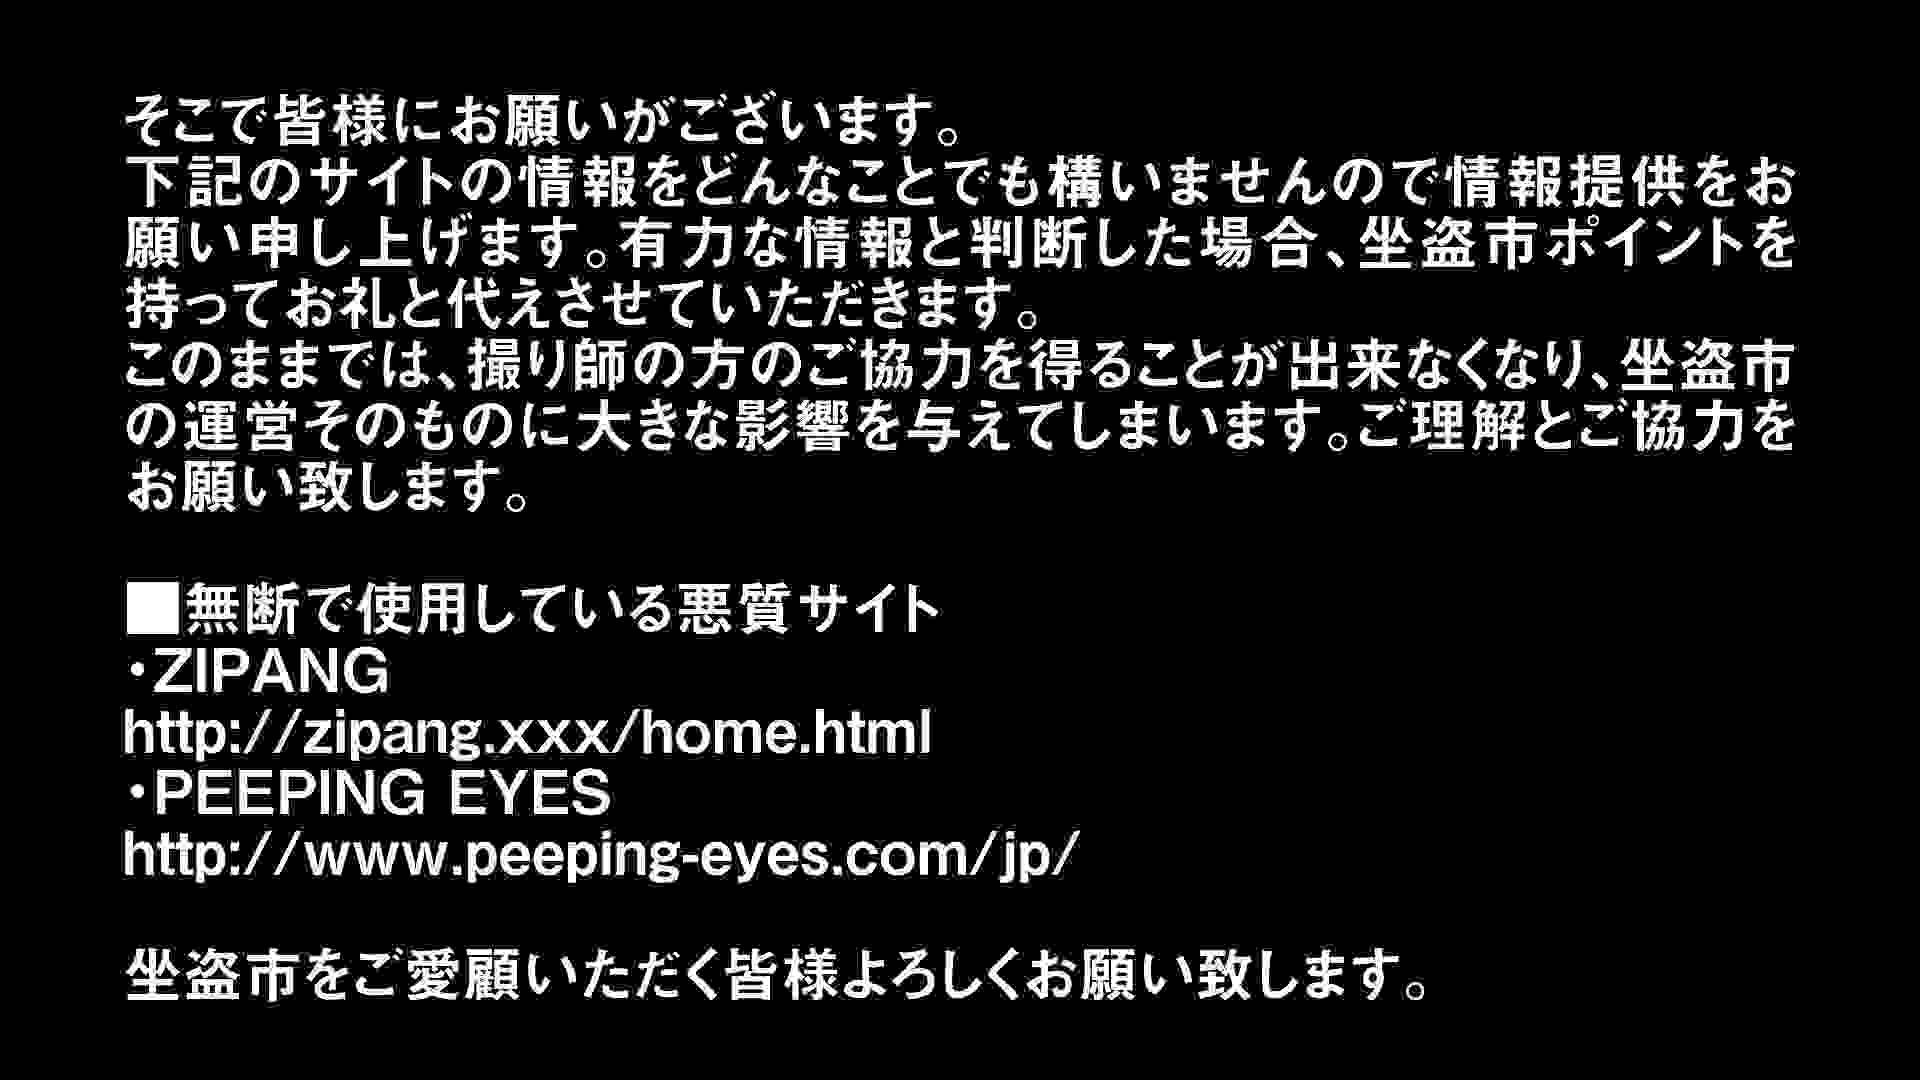 Aquaな露天風呂Vol.297 露天 | 盗撮  103画像 43